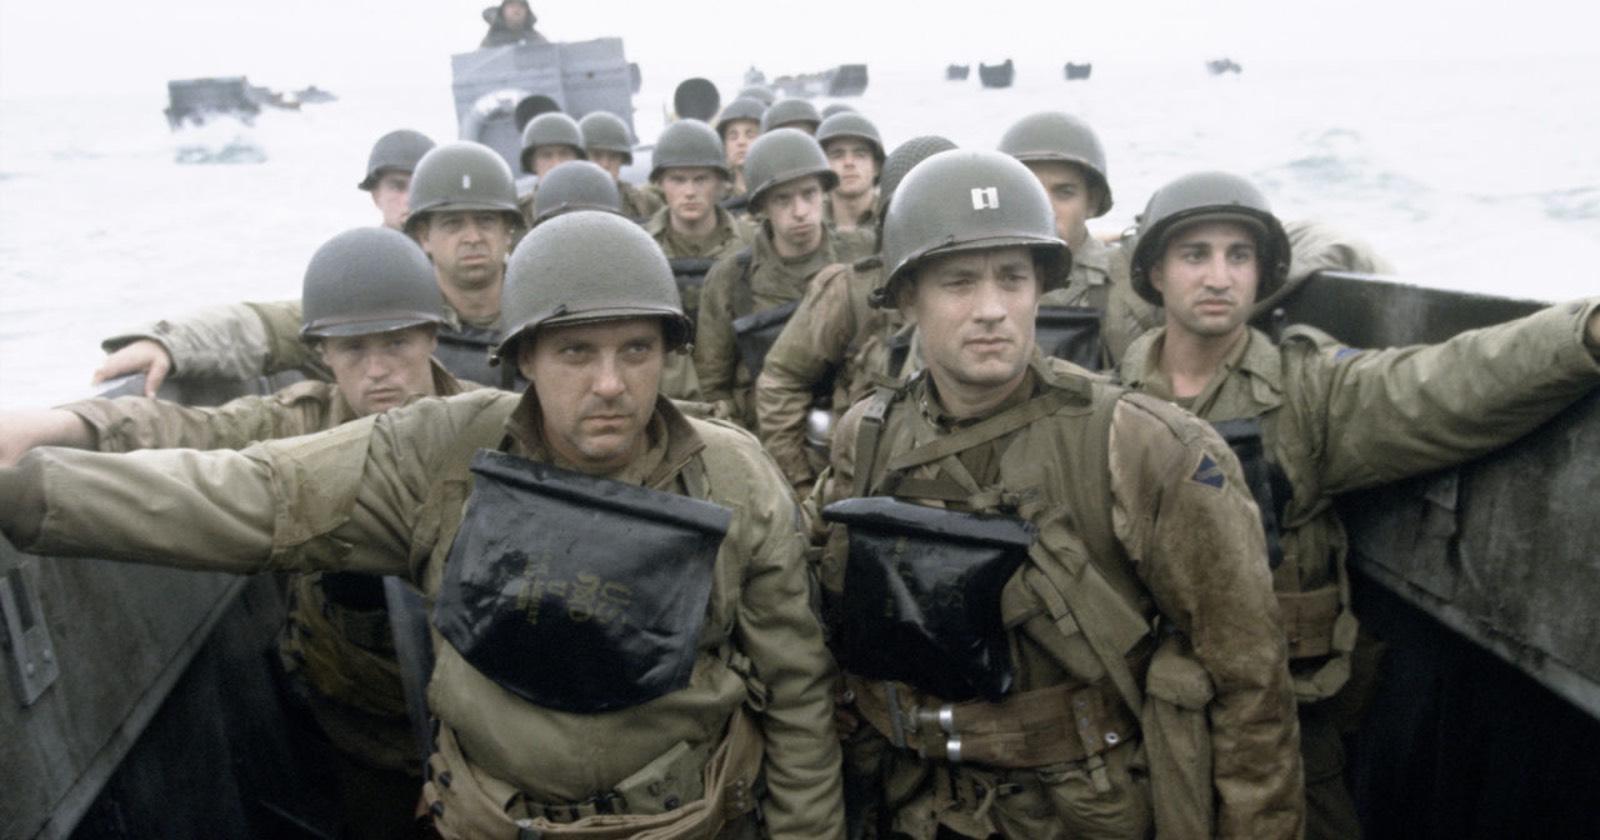 Escena característica del inicio de Rescatando al soldado Ryan